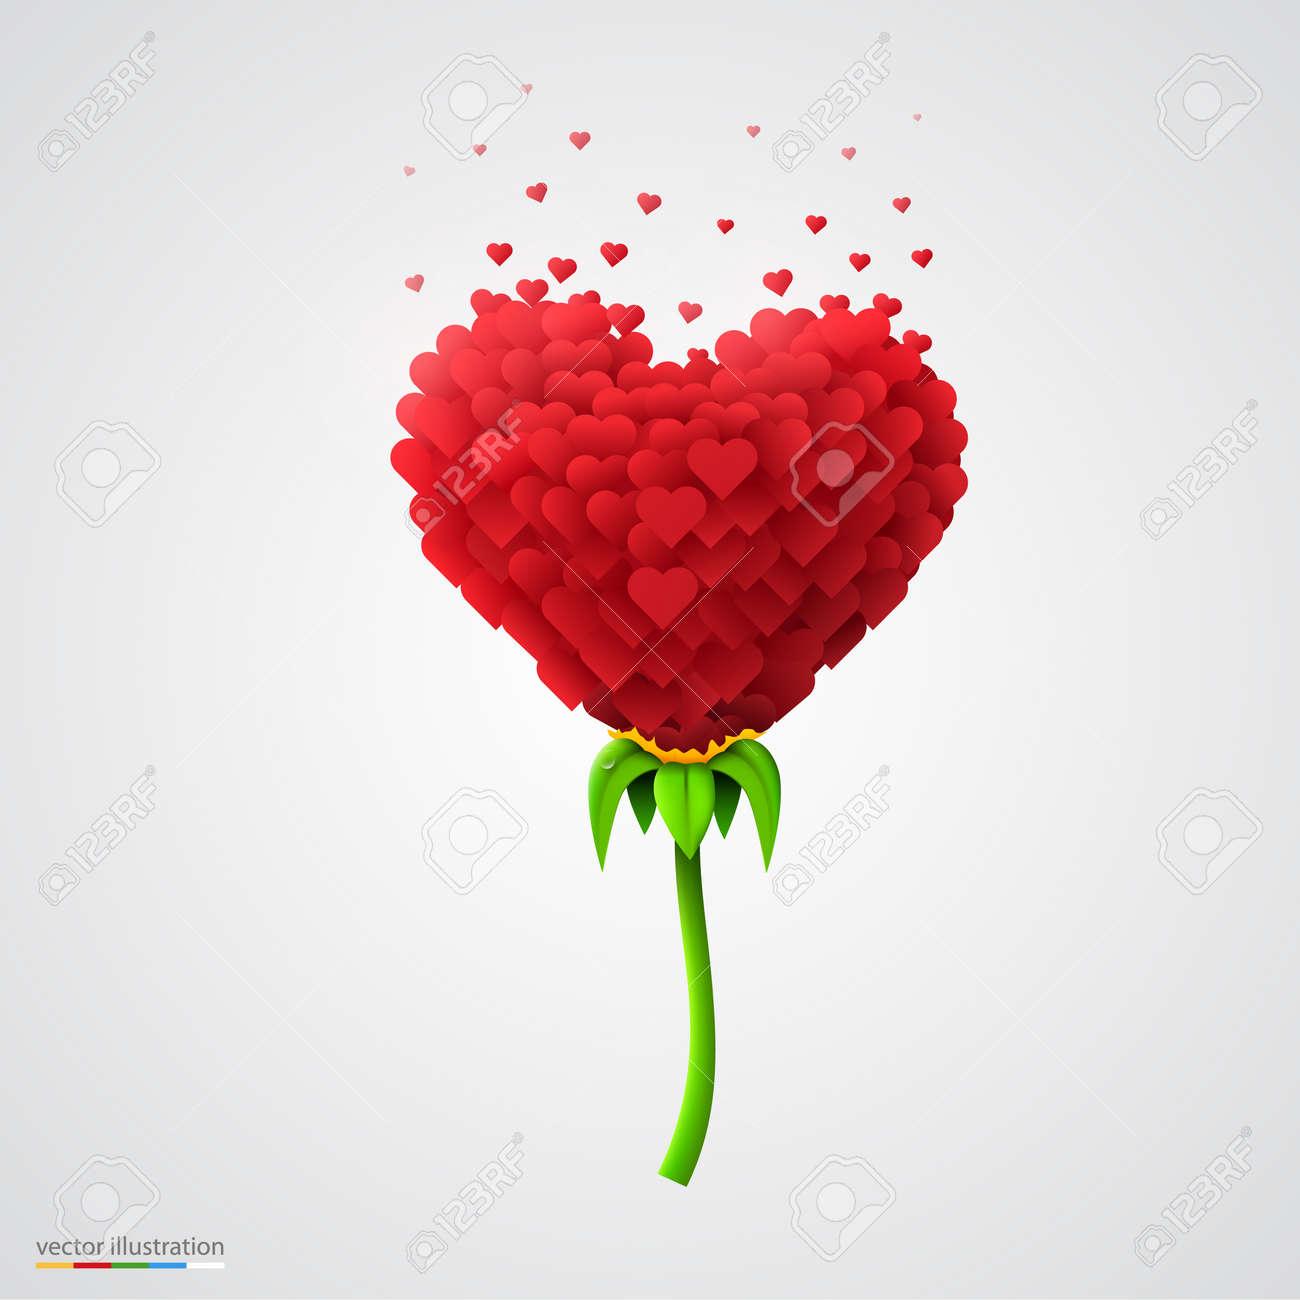 Flor En Forma De Corazón Construida De Pequeños Corazones